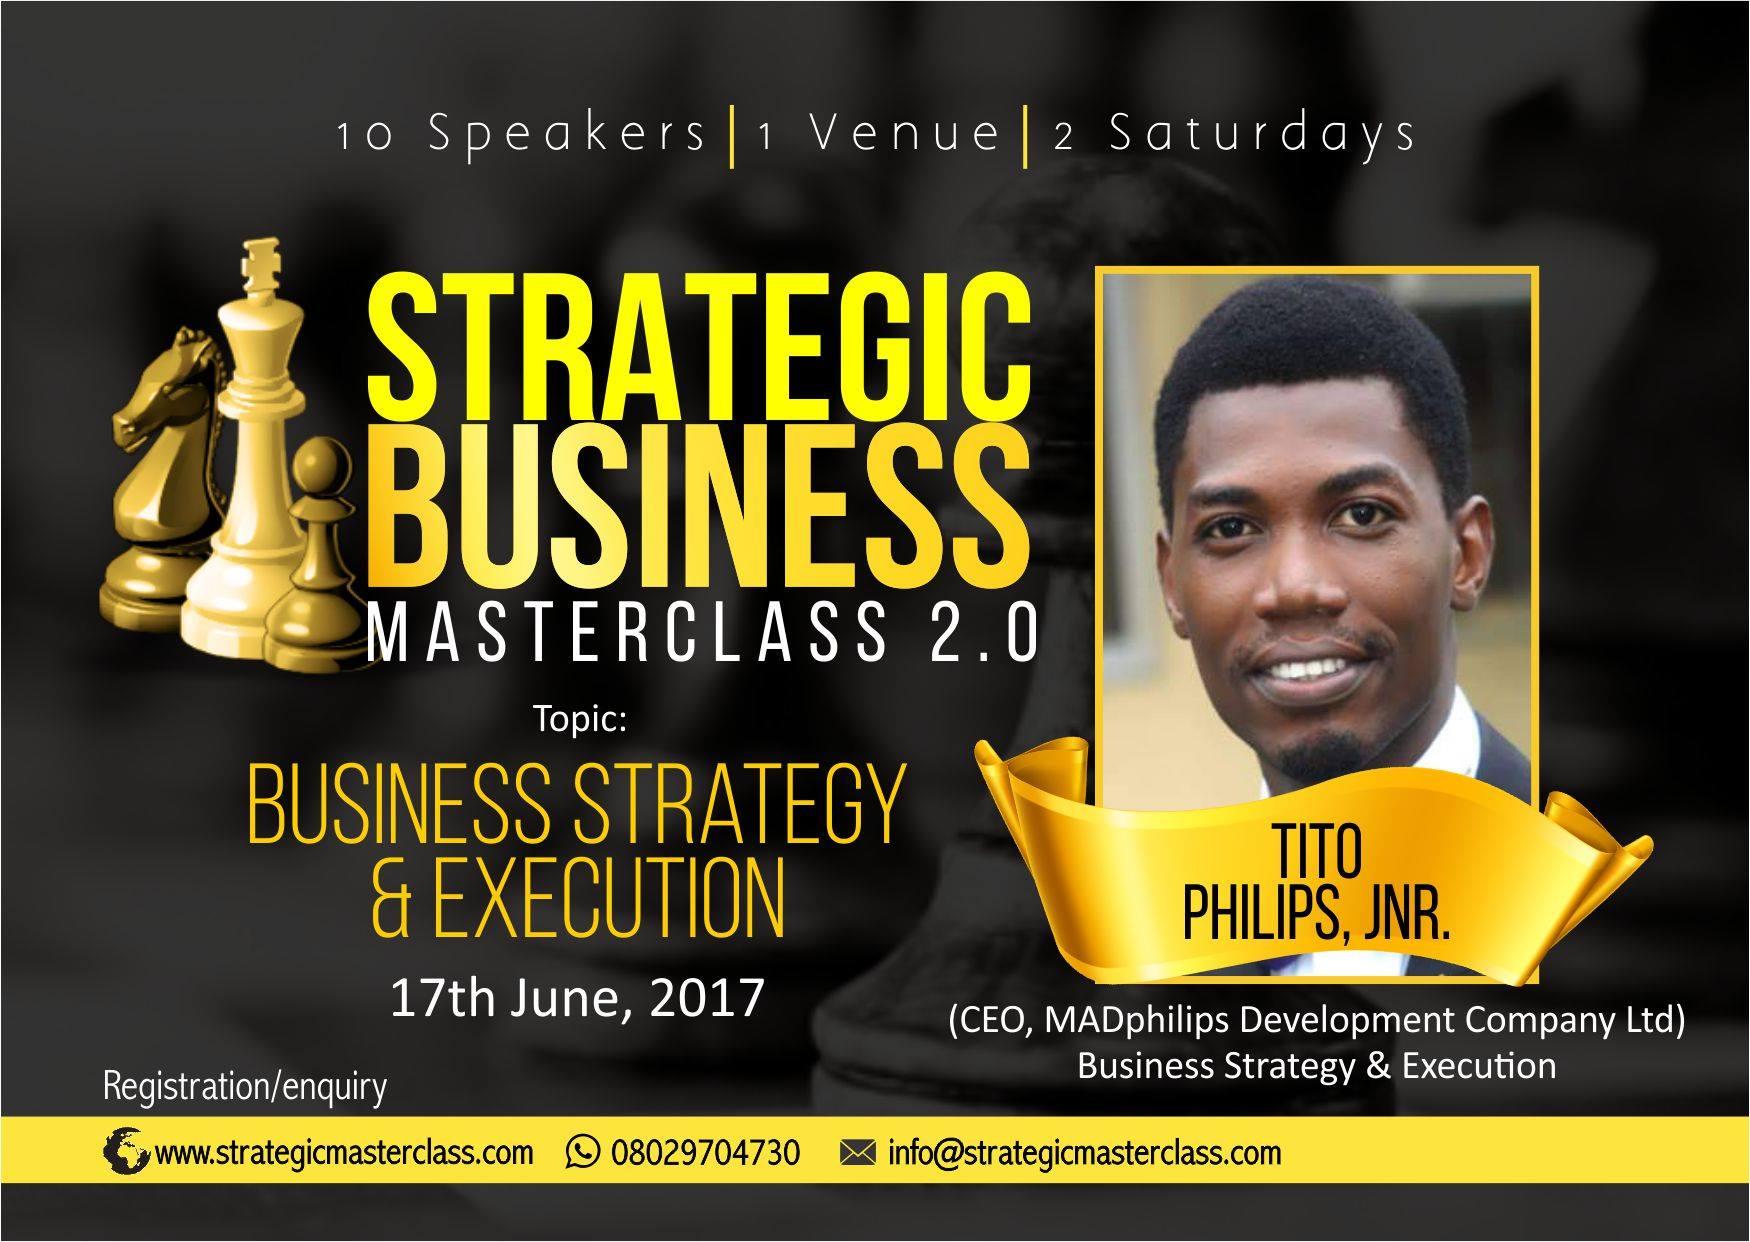 tito-philips-strategic-business-masterclass-profile